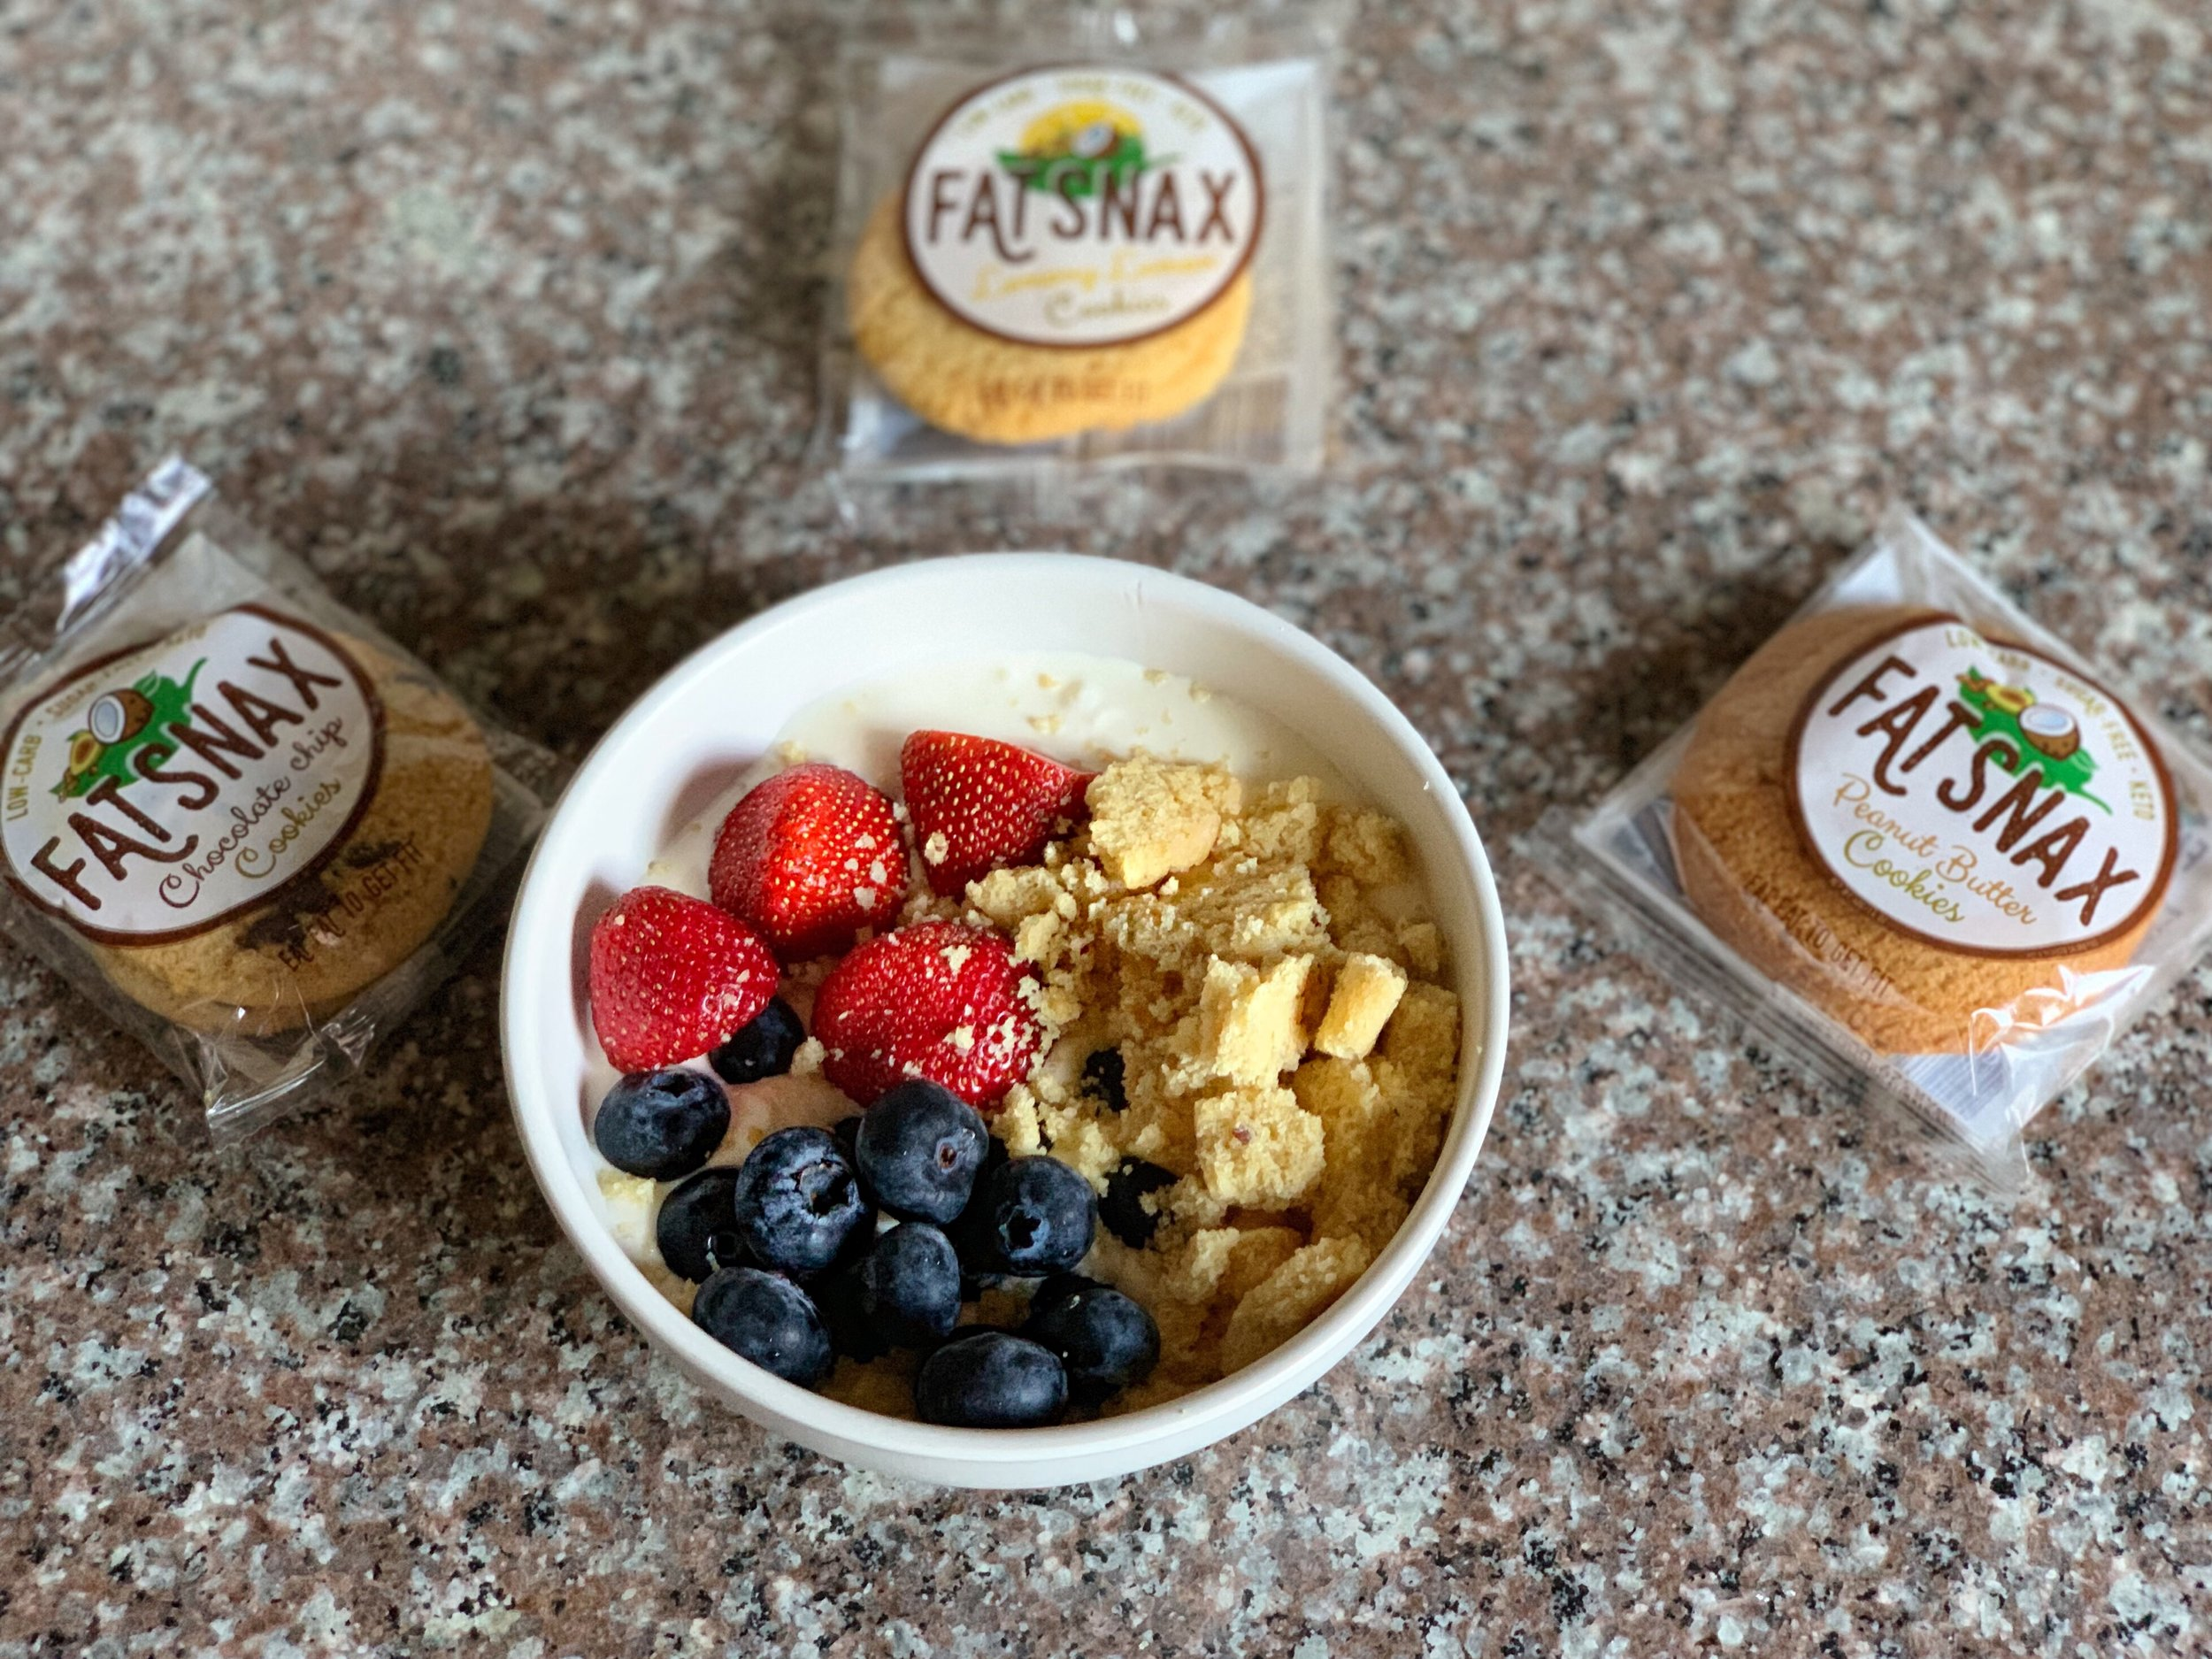 yogurt fat snax bowl